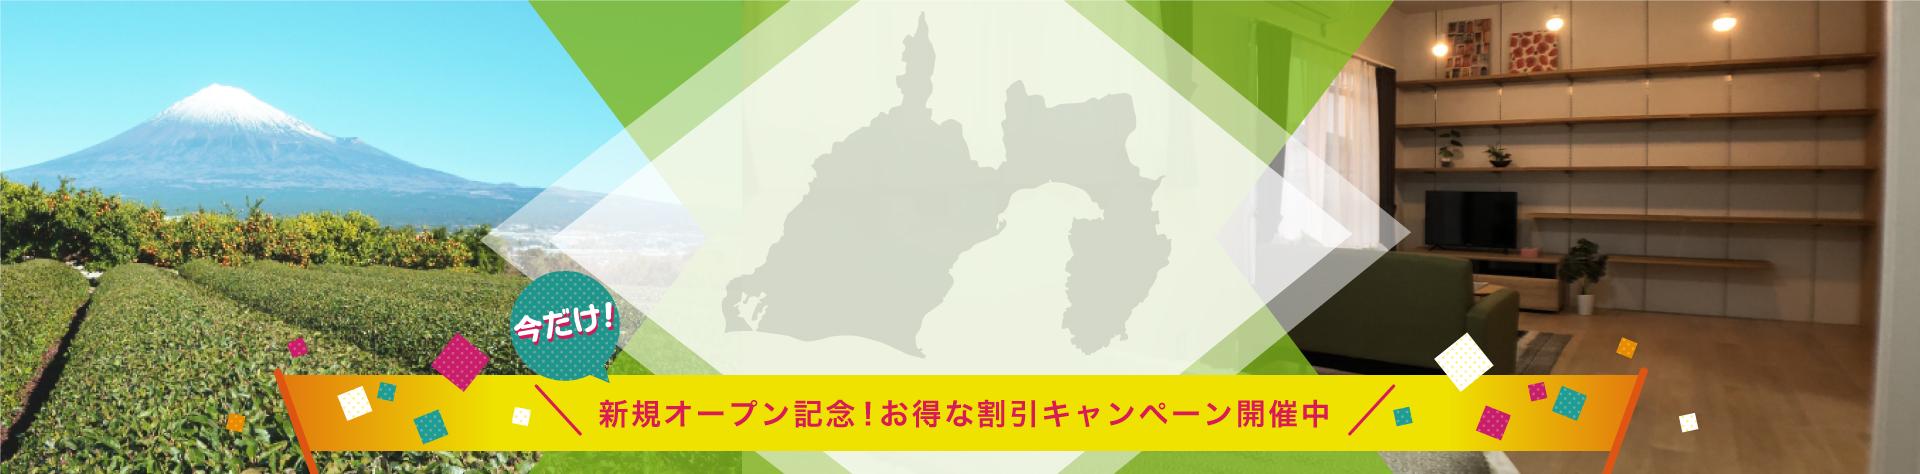 静岡県富士市を中心に静岡東部でマンスリーマンション・ウィークリーマンションを運用しています。法人様の出張や研修、旅行に便利な家具家電付き賃貸